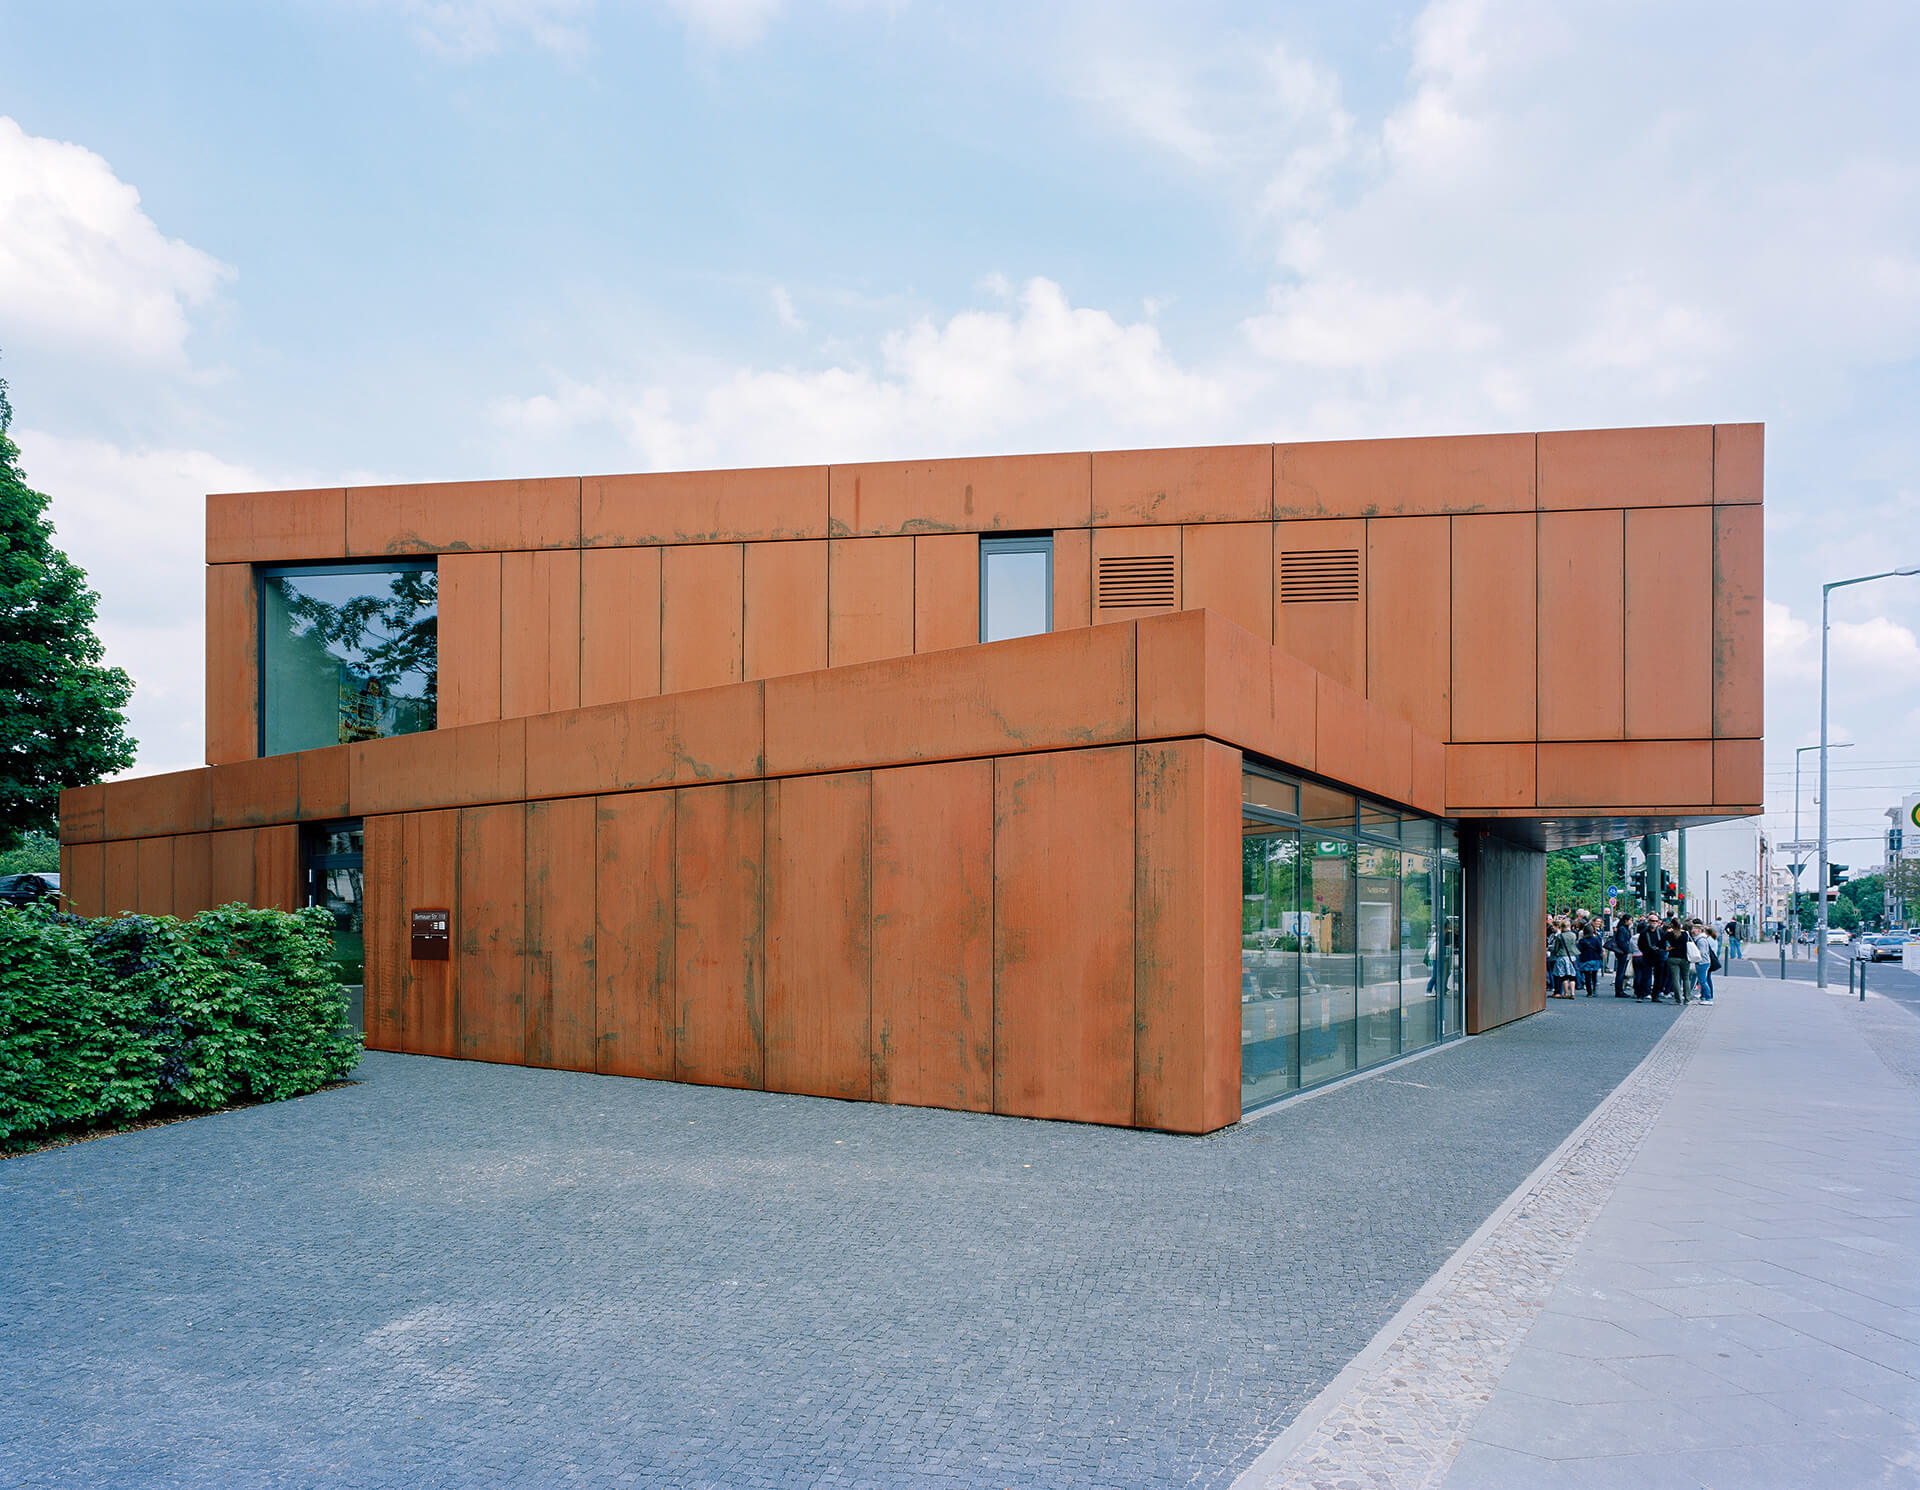 Besucherzentrum der Gedenkstätte Berliner Mauer in Berlin